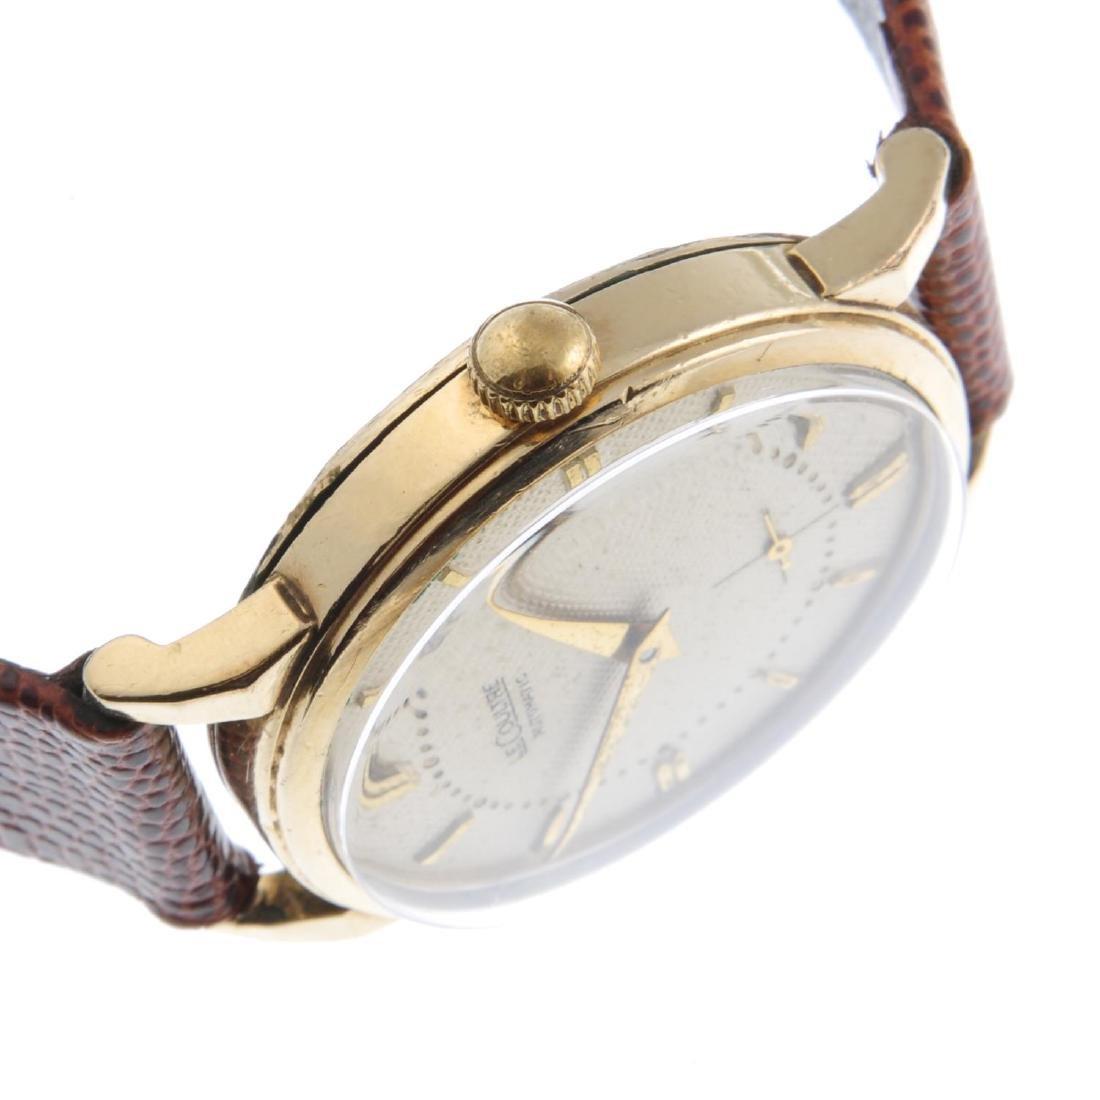 LECOULTRE - a gentleman's wrist watch. Gold filled - 3